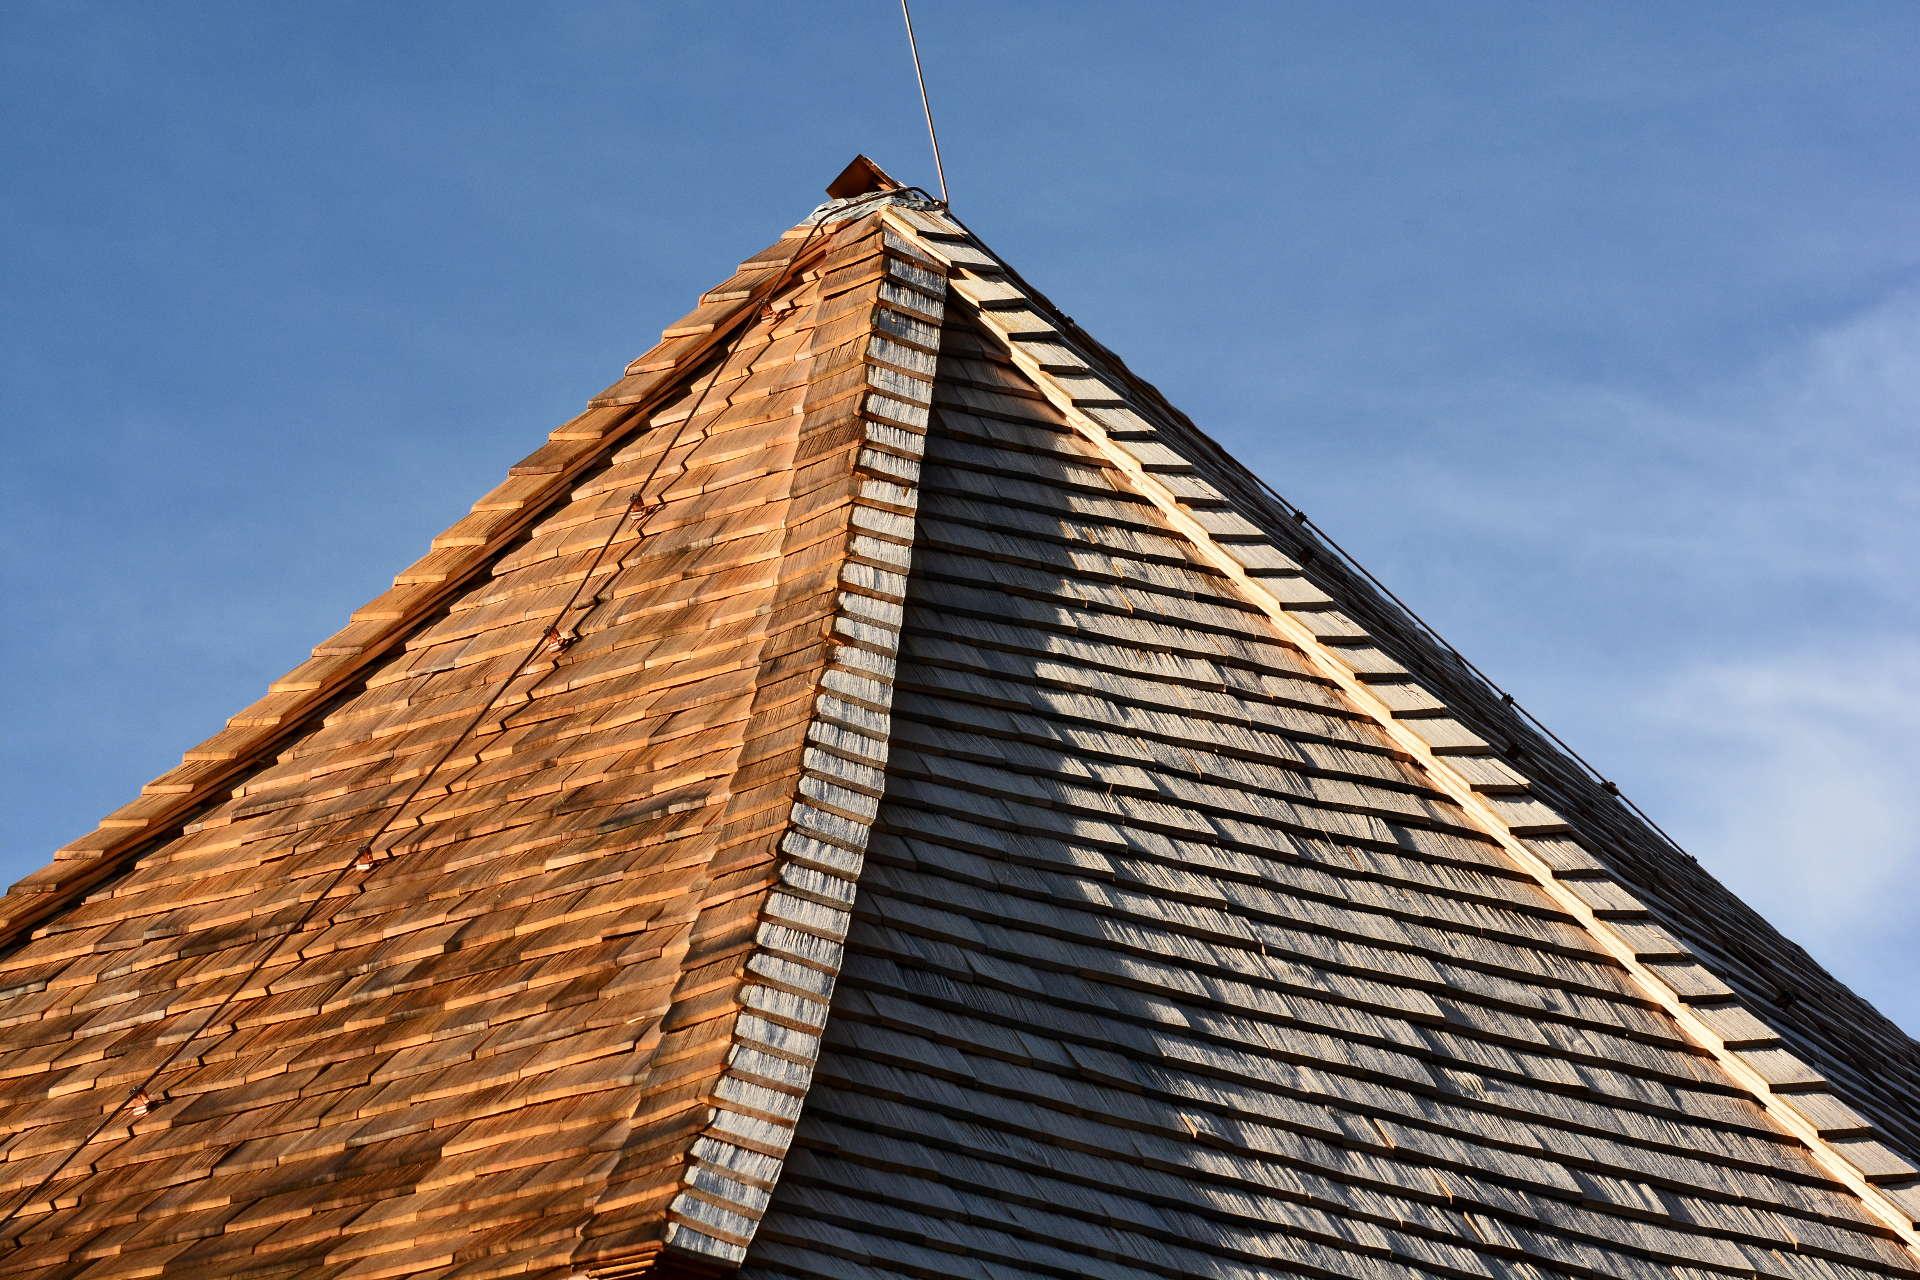 Reines Holzschindeldach für Wendelin – 21 von 40